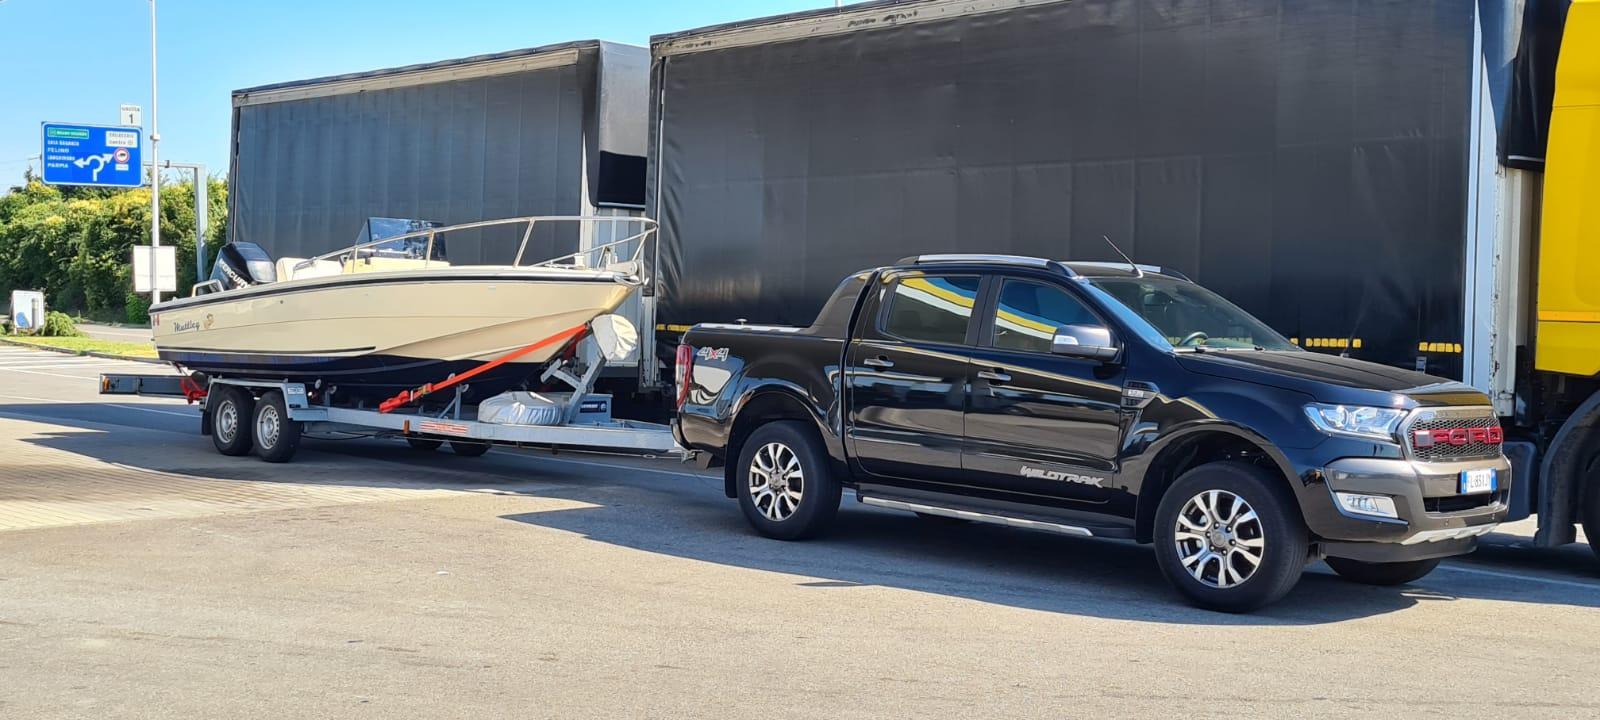 Trasporto imbarcazioni con carrello